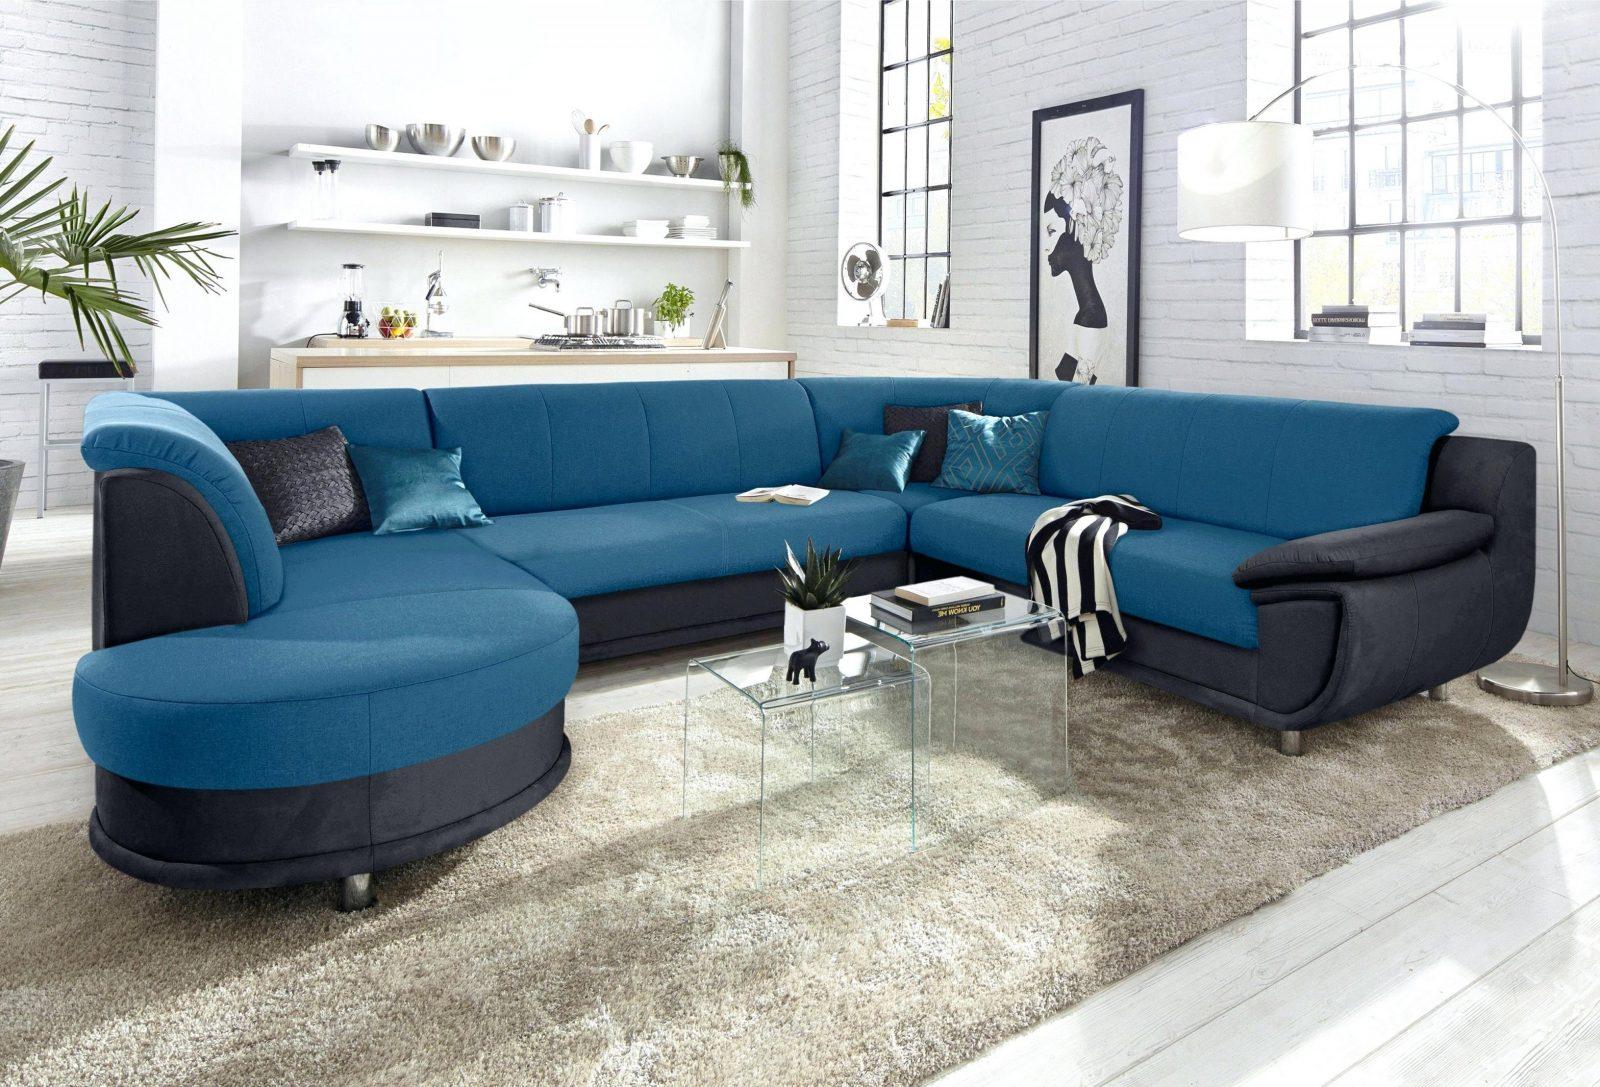 Wohnlandschaft Ratenzahlung – Publitap von Sofa Auf Raten Kaufen Trotz Schufa Bild